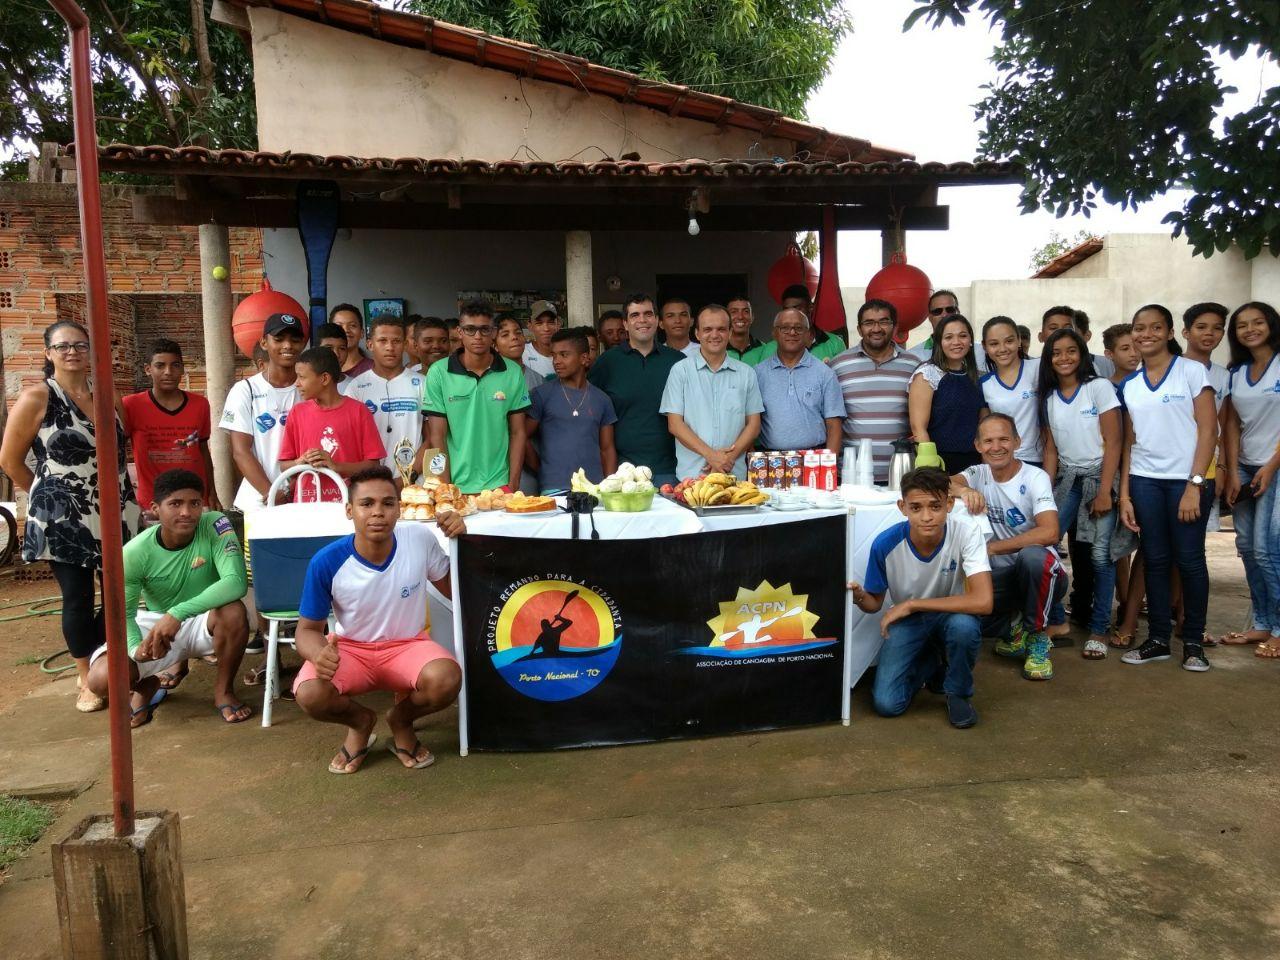 Prefeito Joaquim Maia participa de café da manhã com equipe de canoagem portuense e reforça parceria